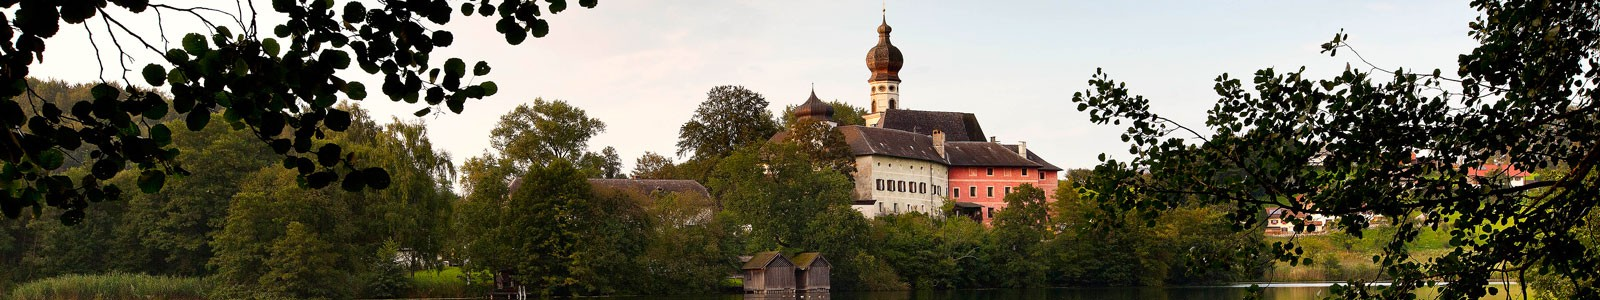 Kloster Höglwörth in Anger